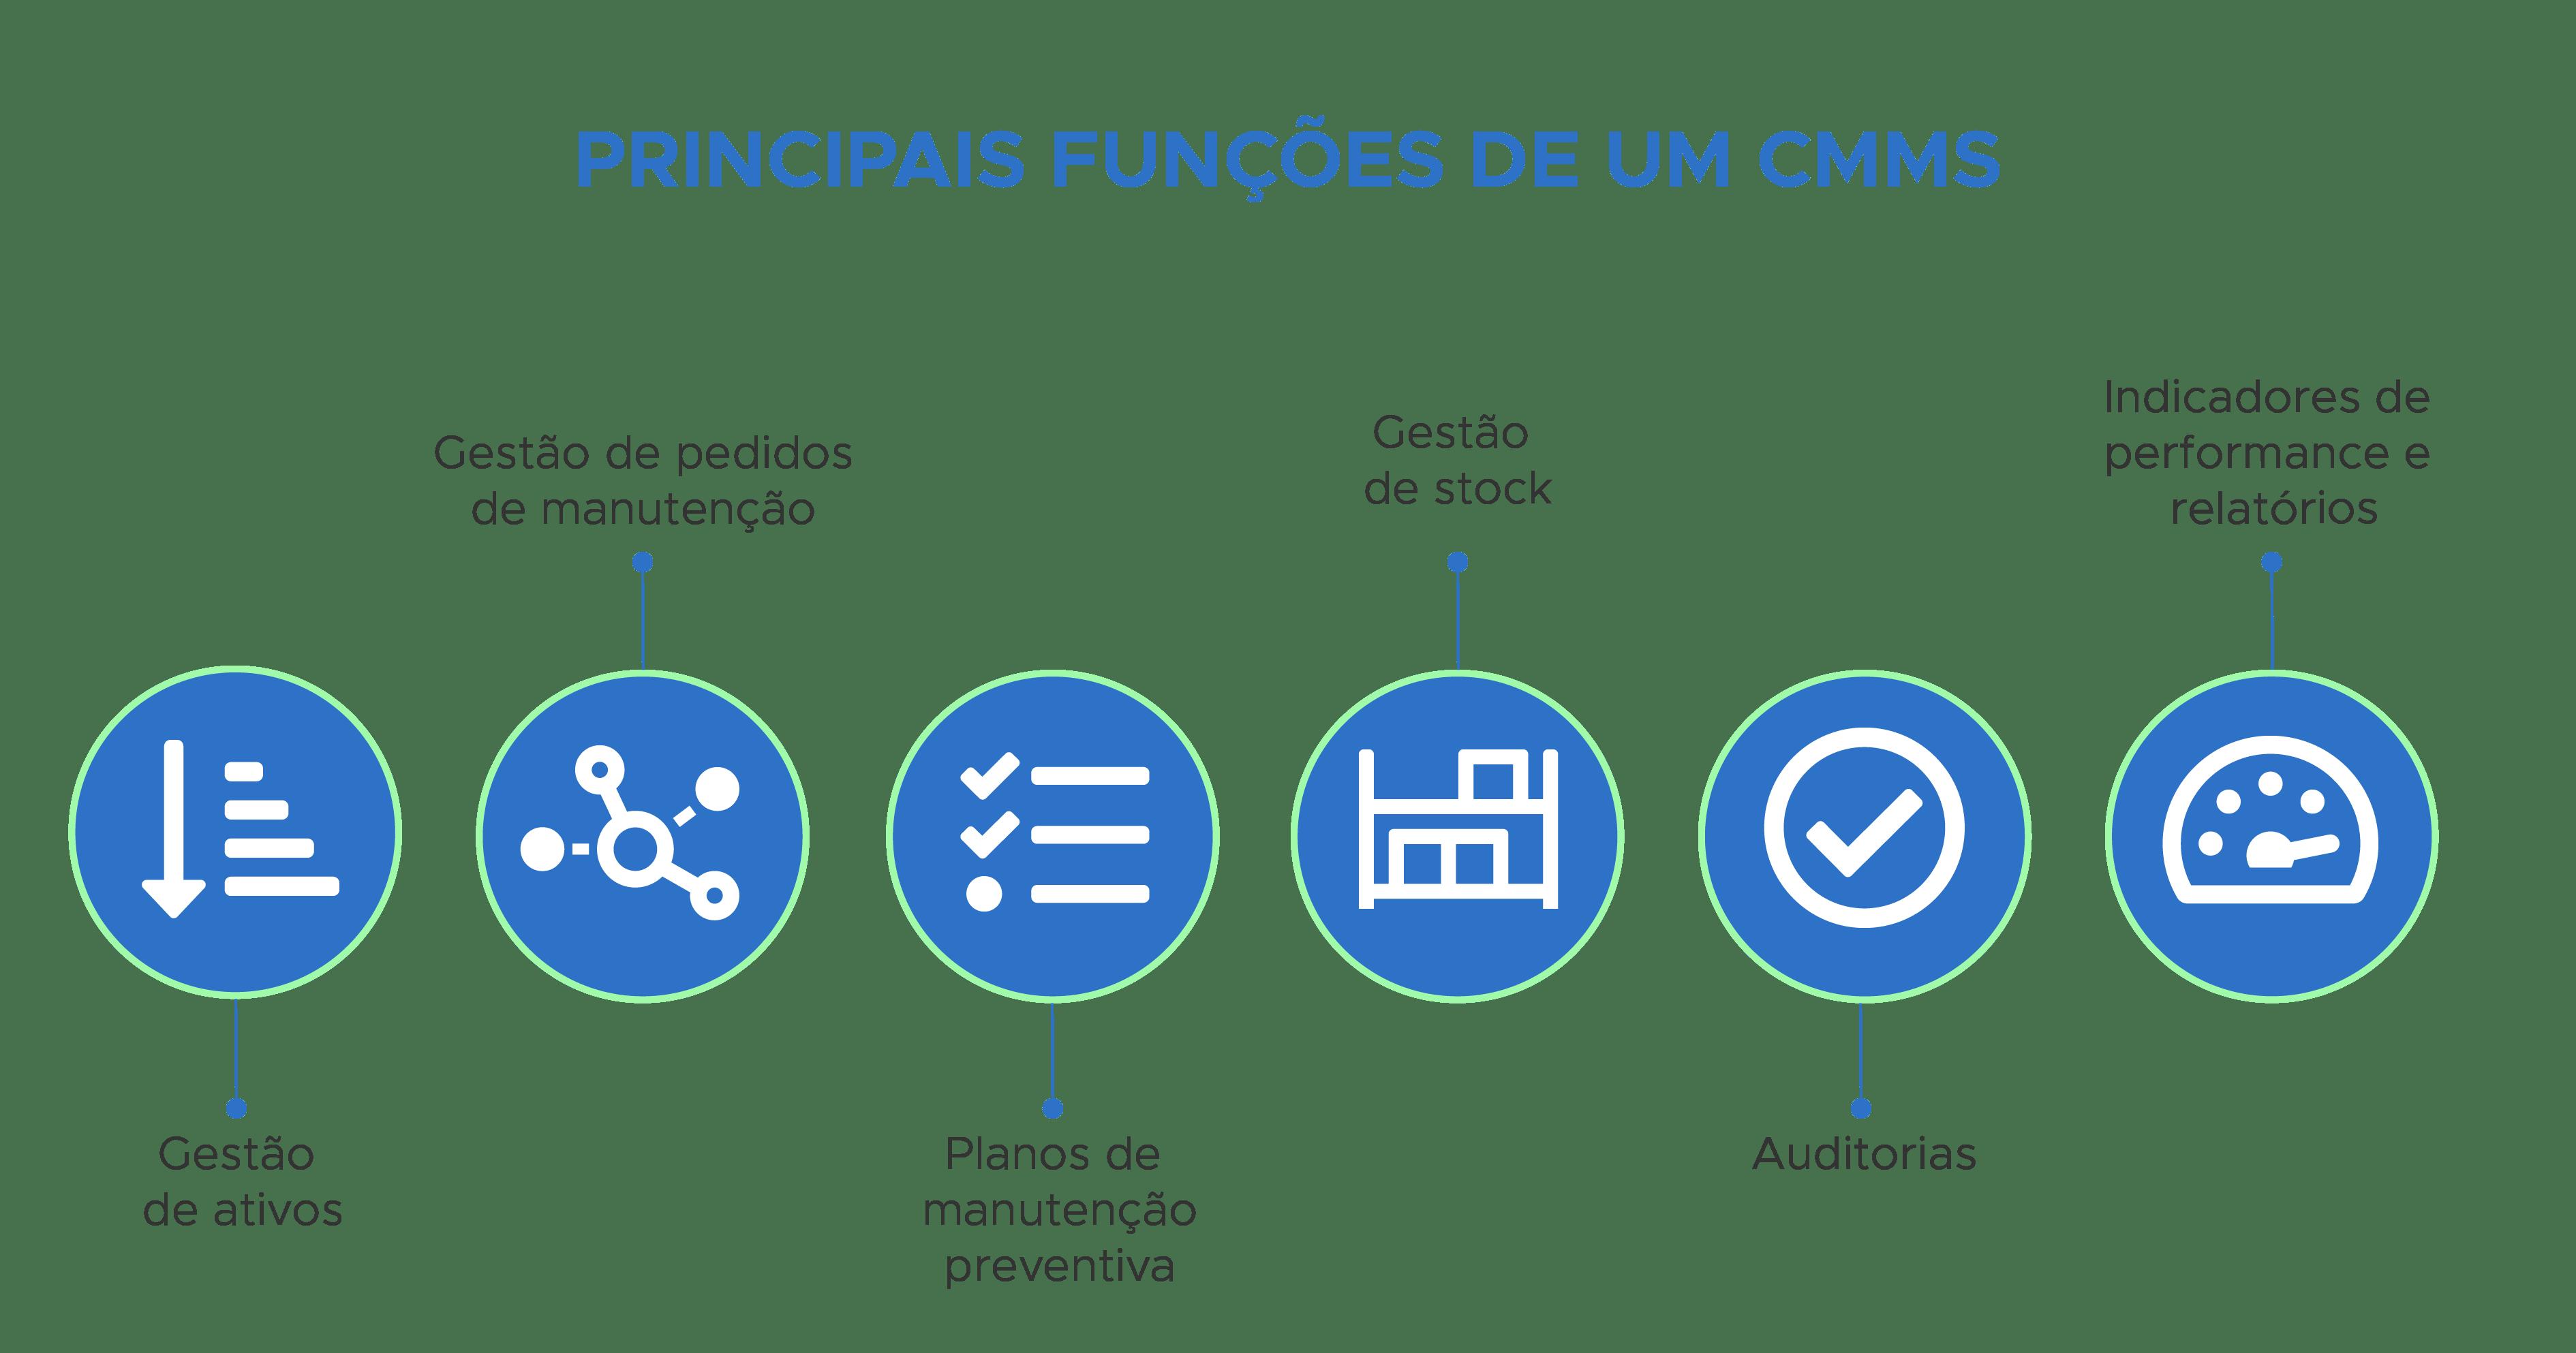 Principais funcções de um CMMS